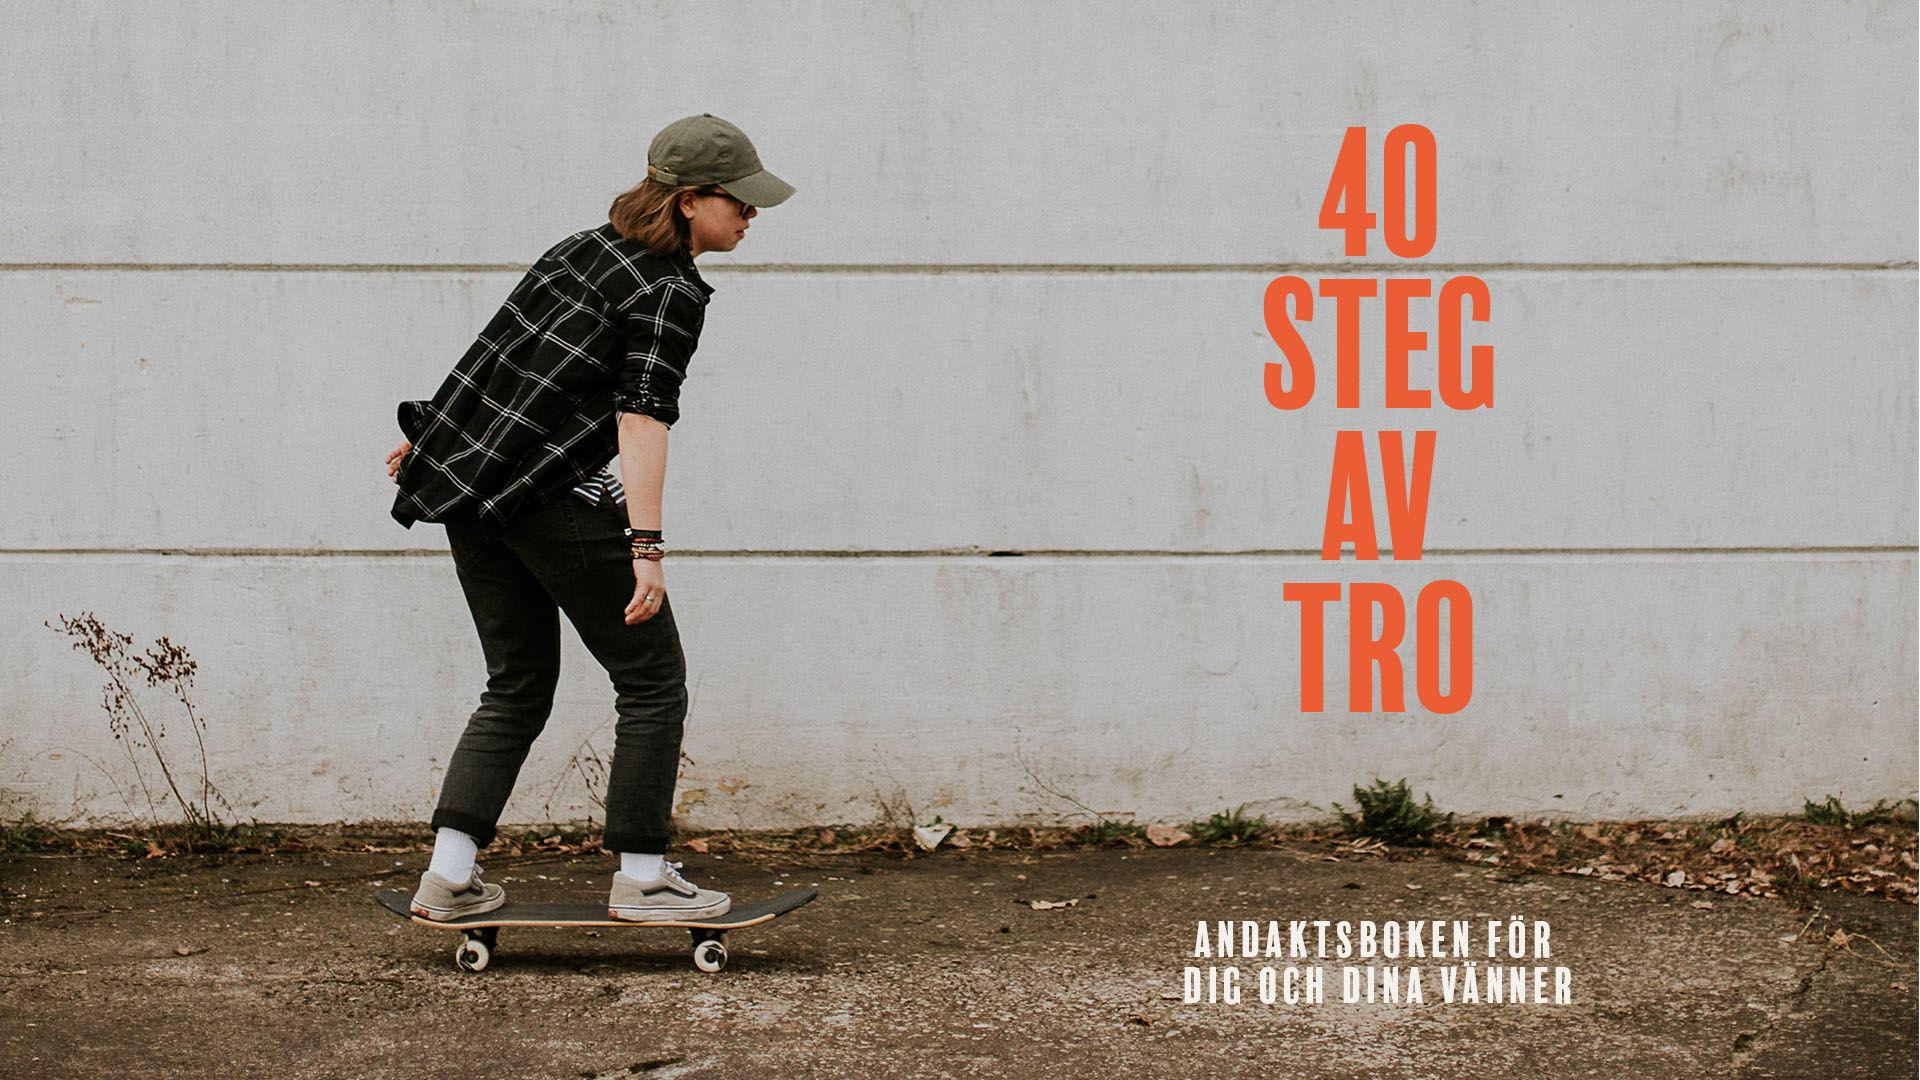 40StegAvTro_Förbeställning Webb Banner